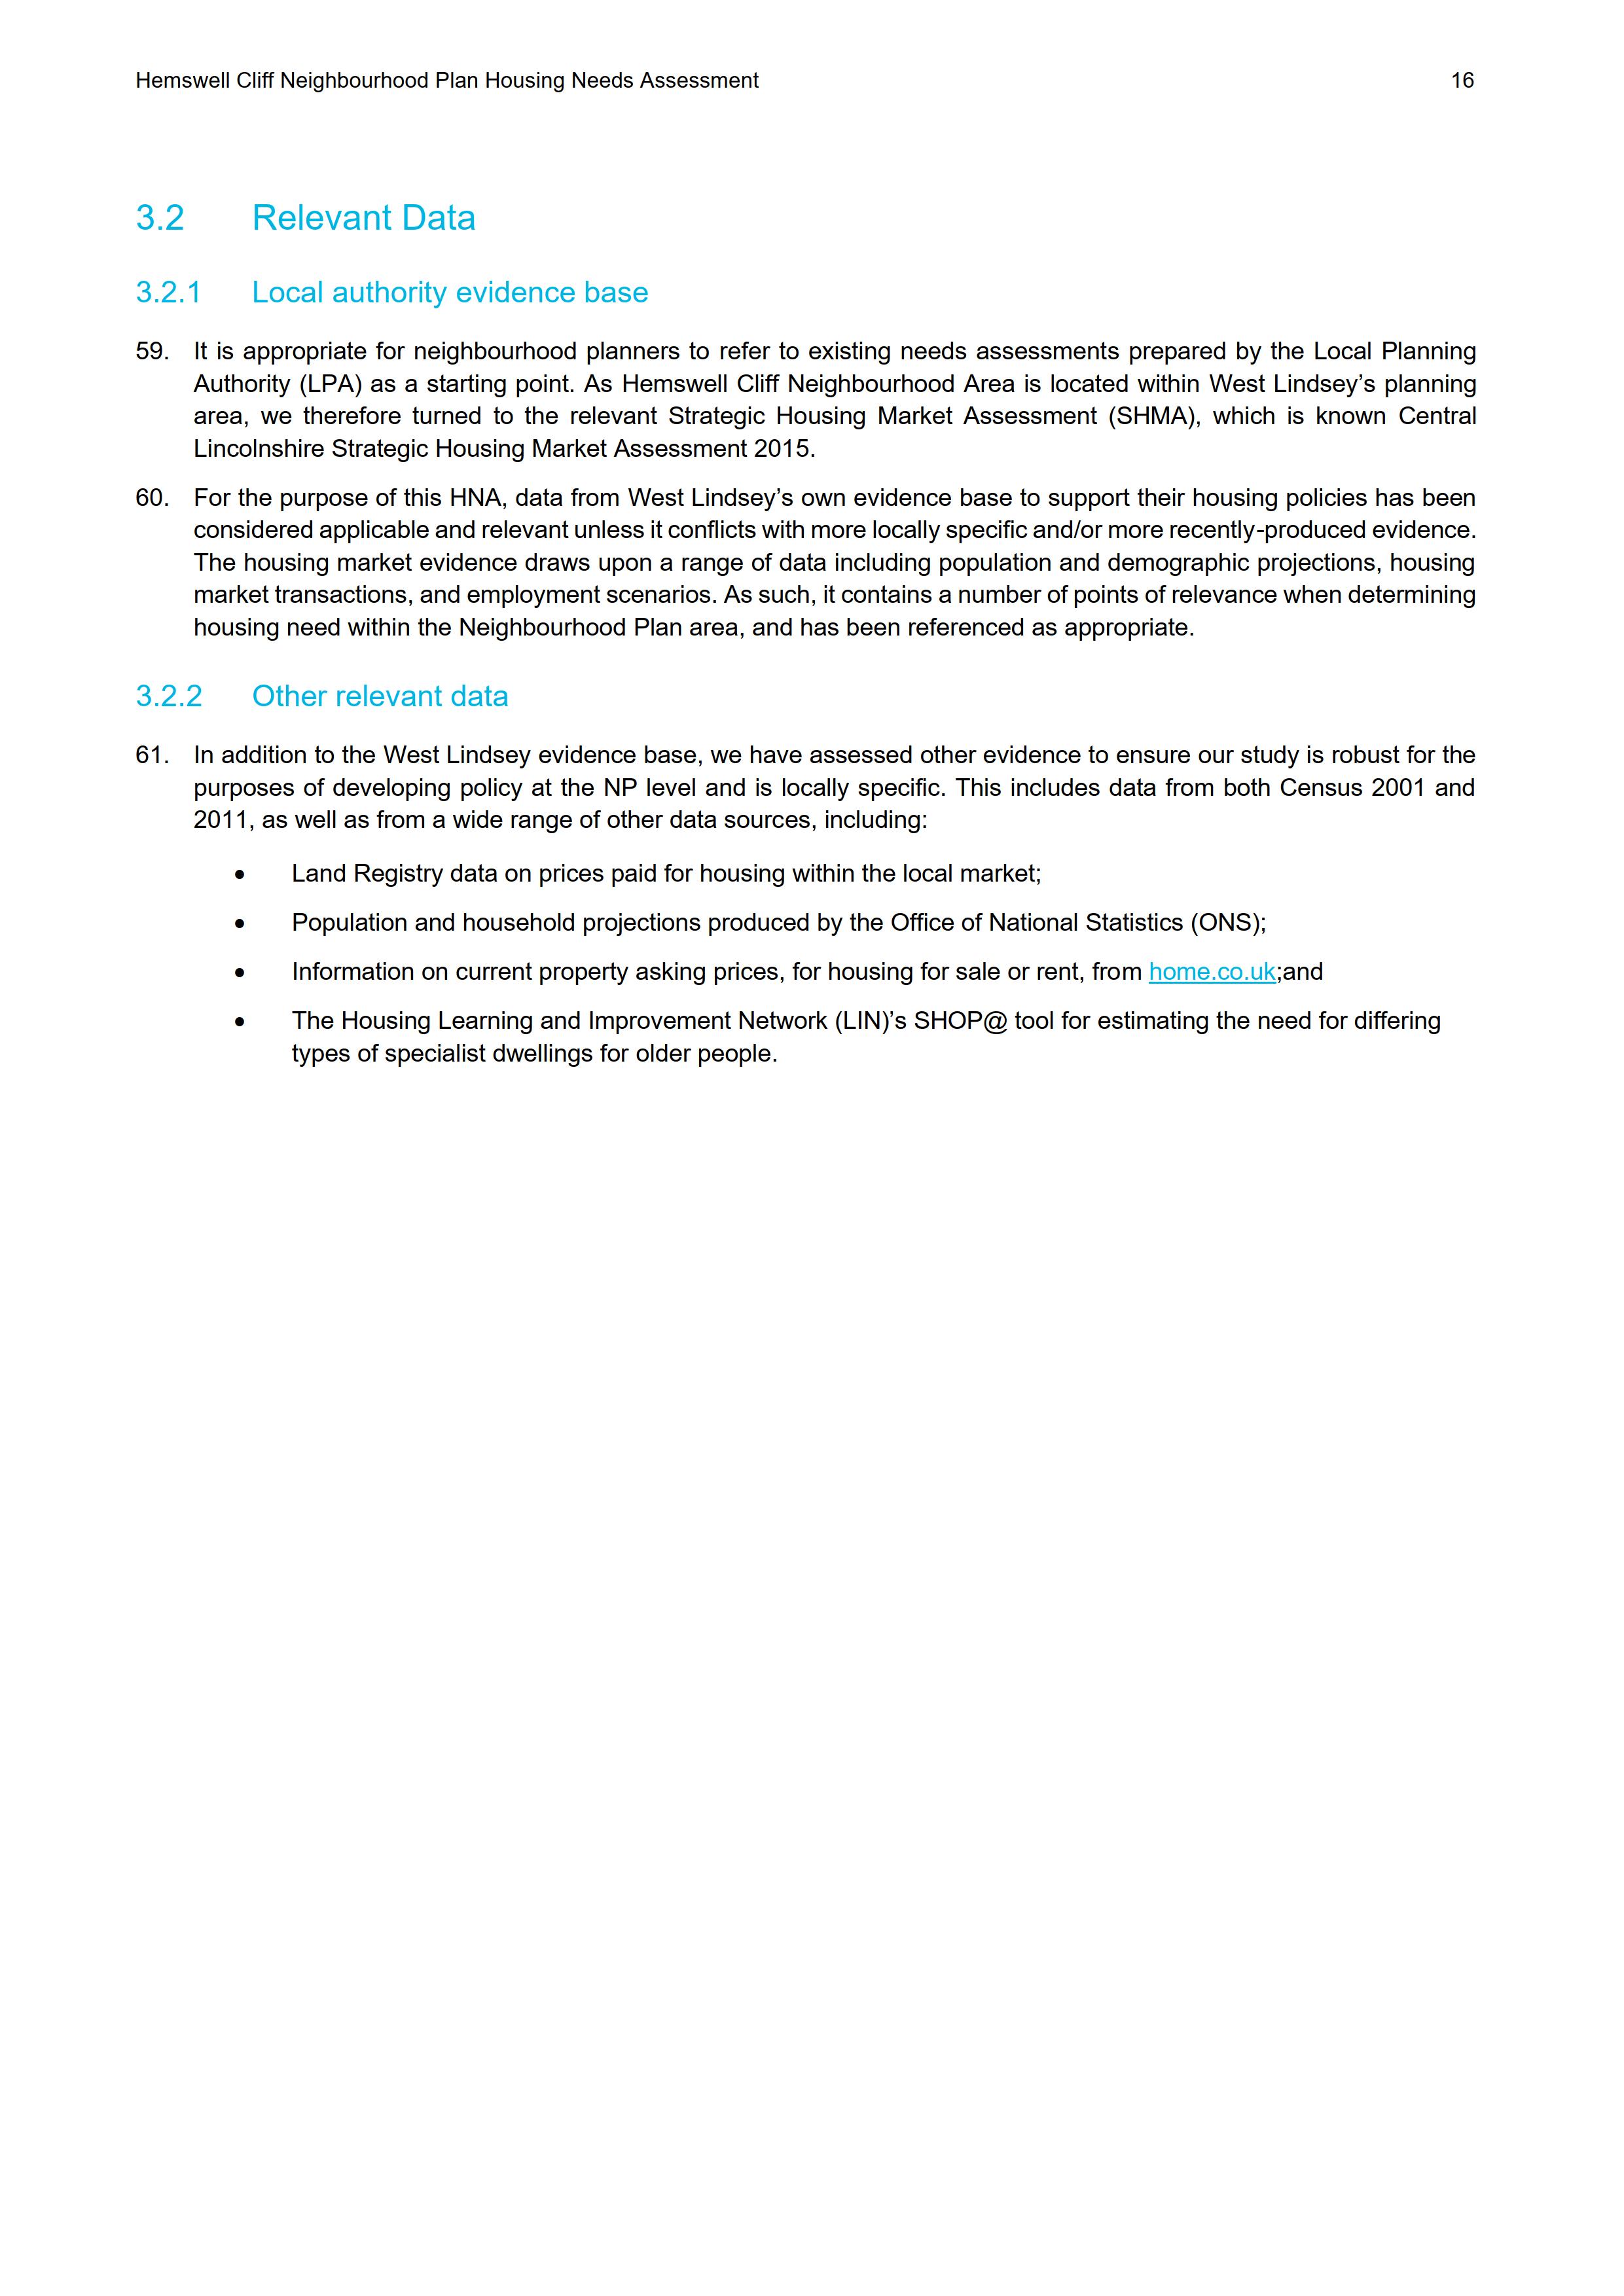 Hemswell_Cliff_Housing_Needs_Assessment_Final_16.png